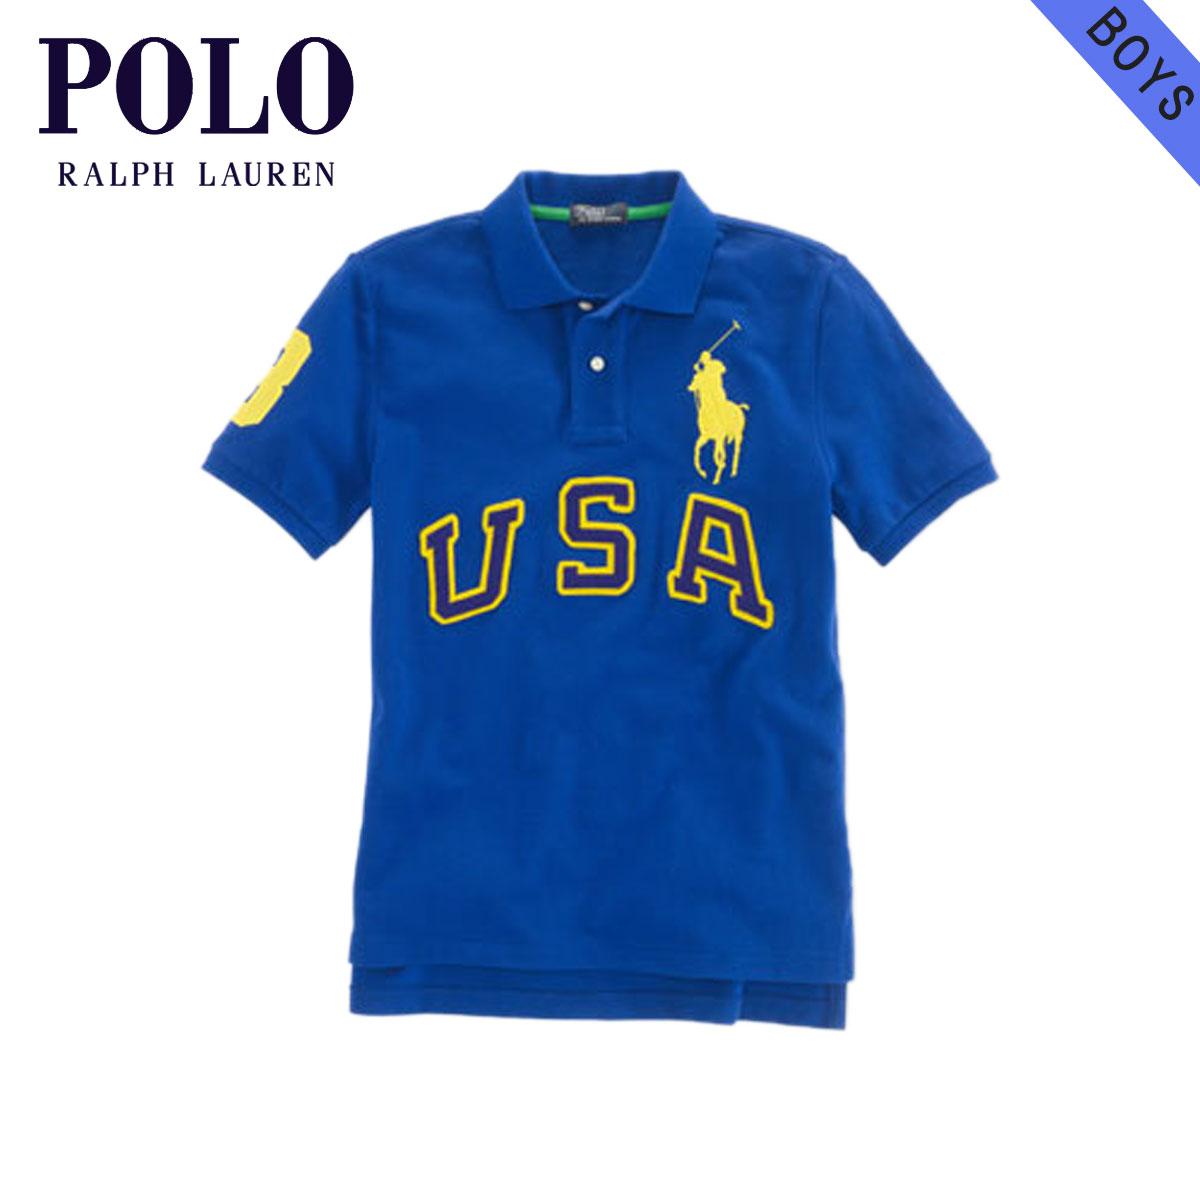 【販売期間 4/24 21:00〜5/1 9:59】 ポロ ラルフローレン キッズ POLO RALPH LAUREN CHILDREN 正規品 子供服 ボーイズ ポロシャツ USA Big Pony Cotton Polo #19150686 BLUE